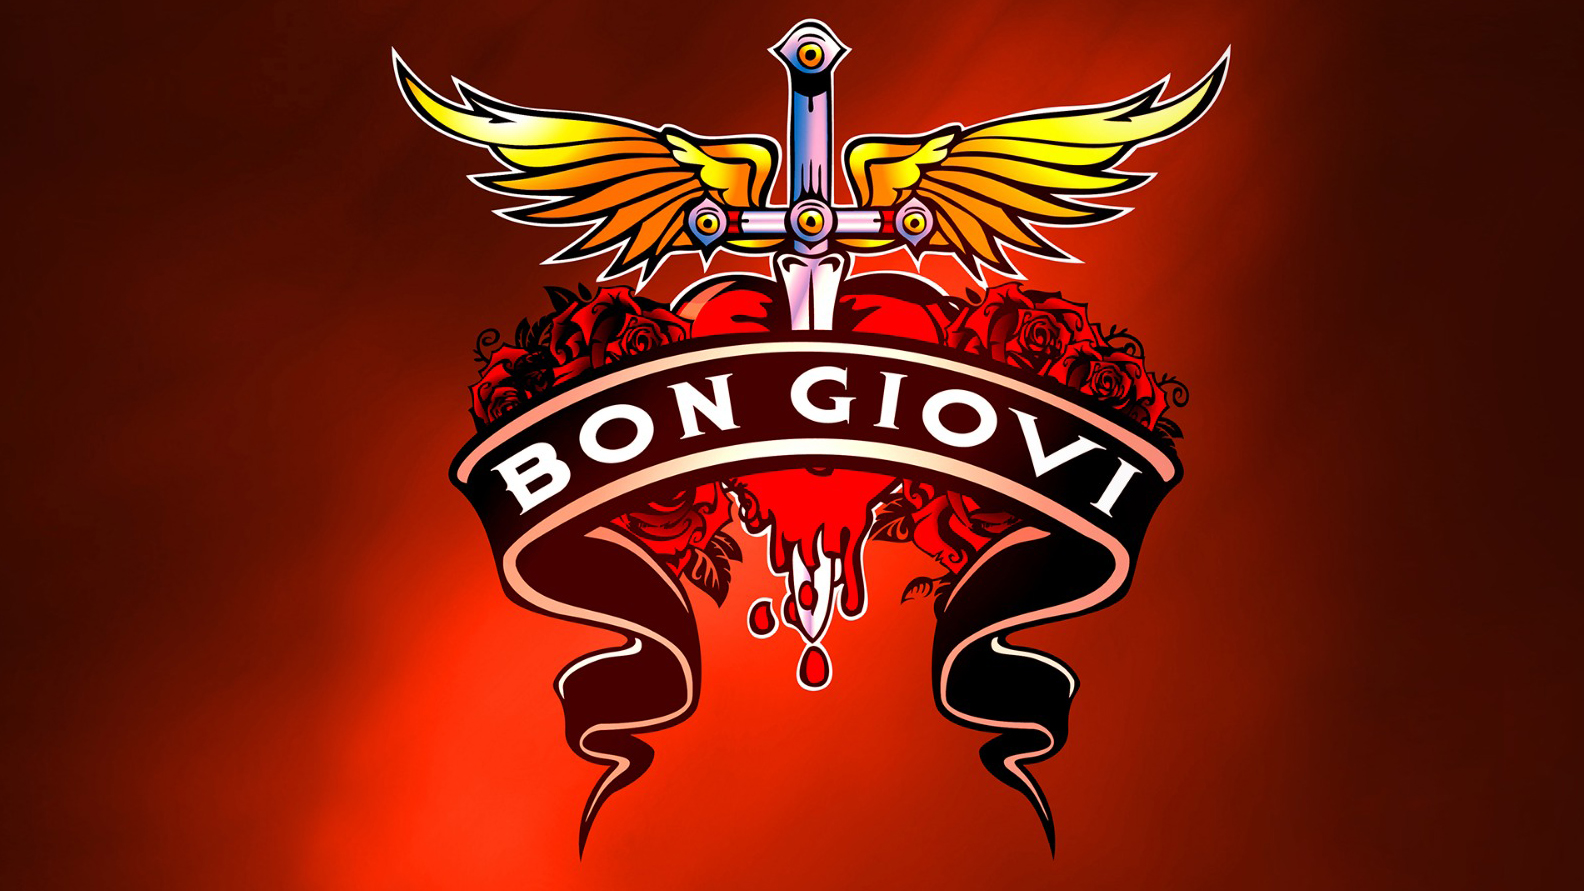 bon-giovi-logo-hero